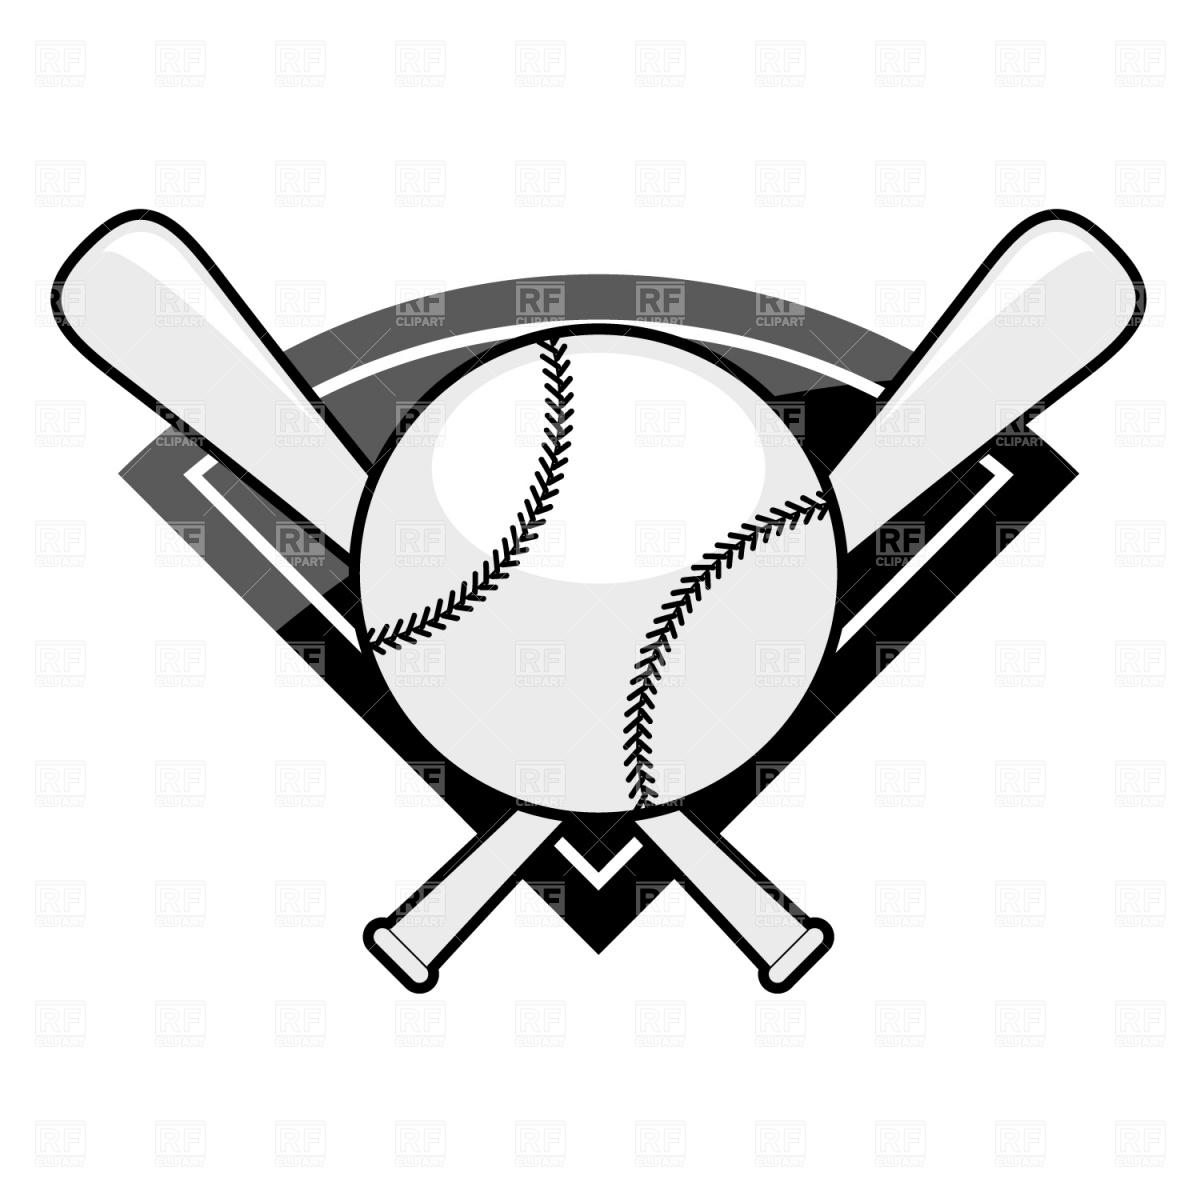 1200x1200 Baseball Emblem